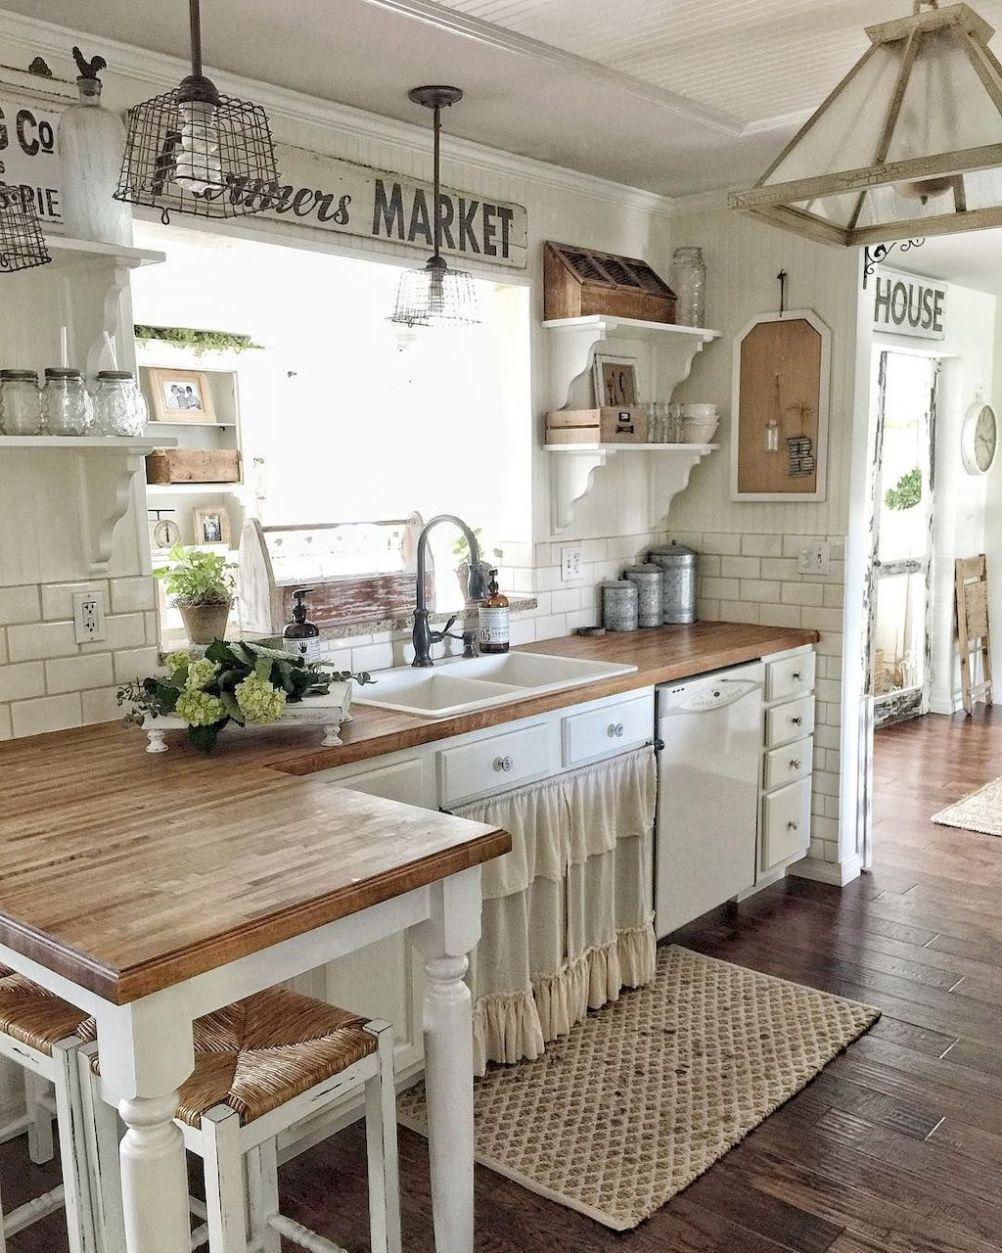 50 elegant farmhouse kitchen decor ideas (29)